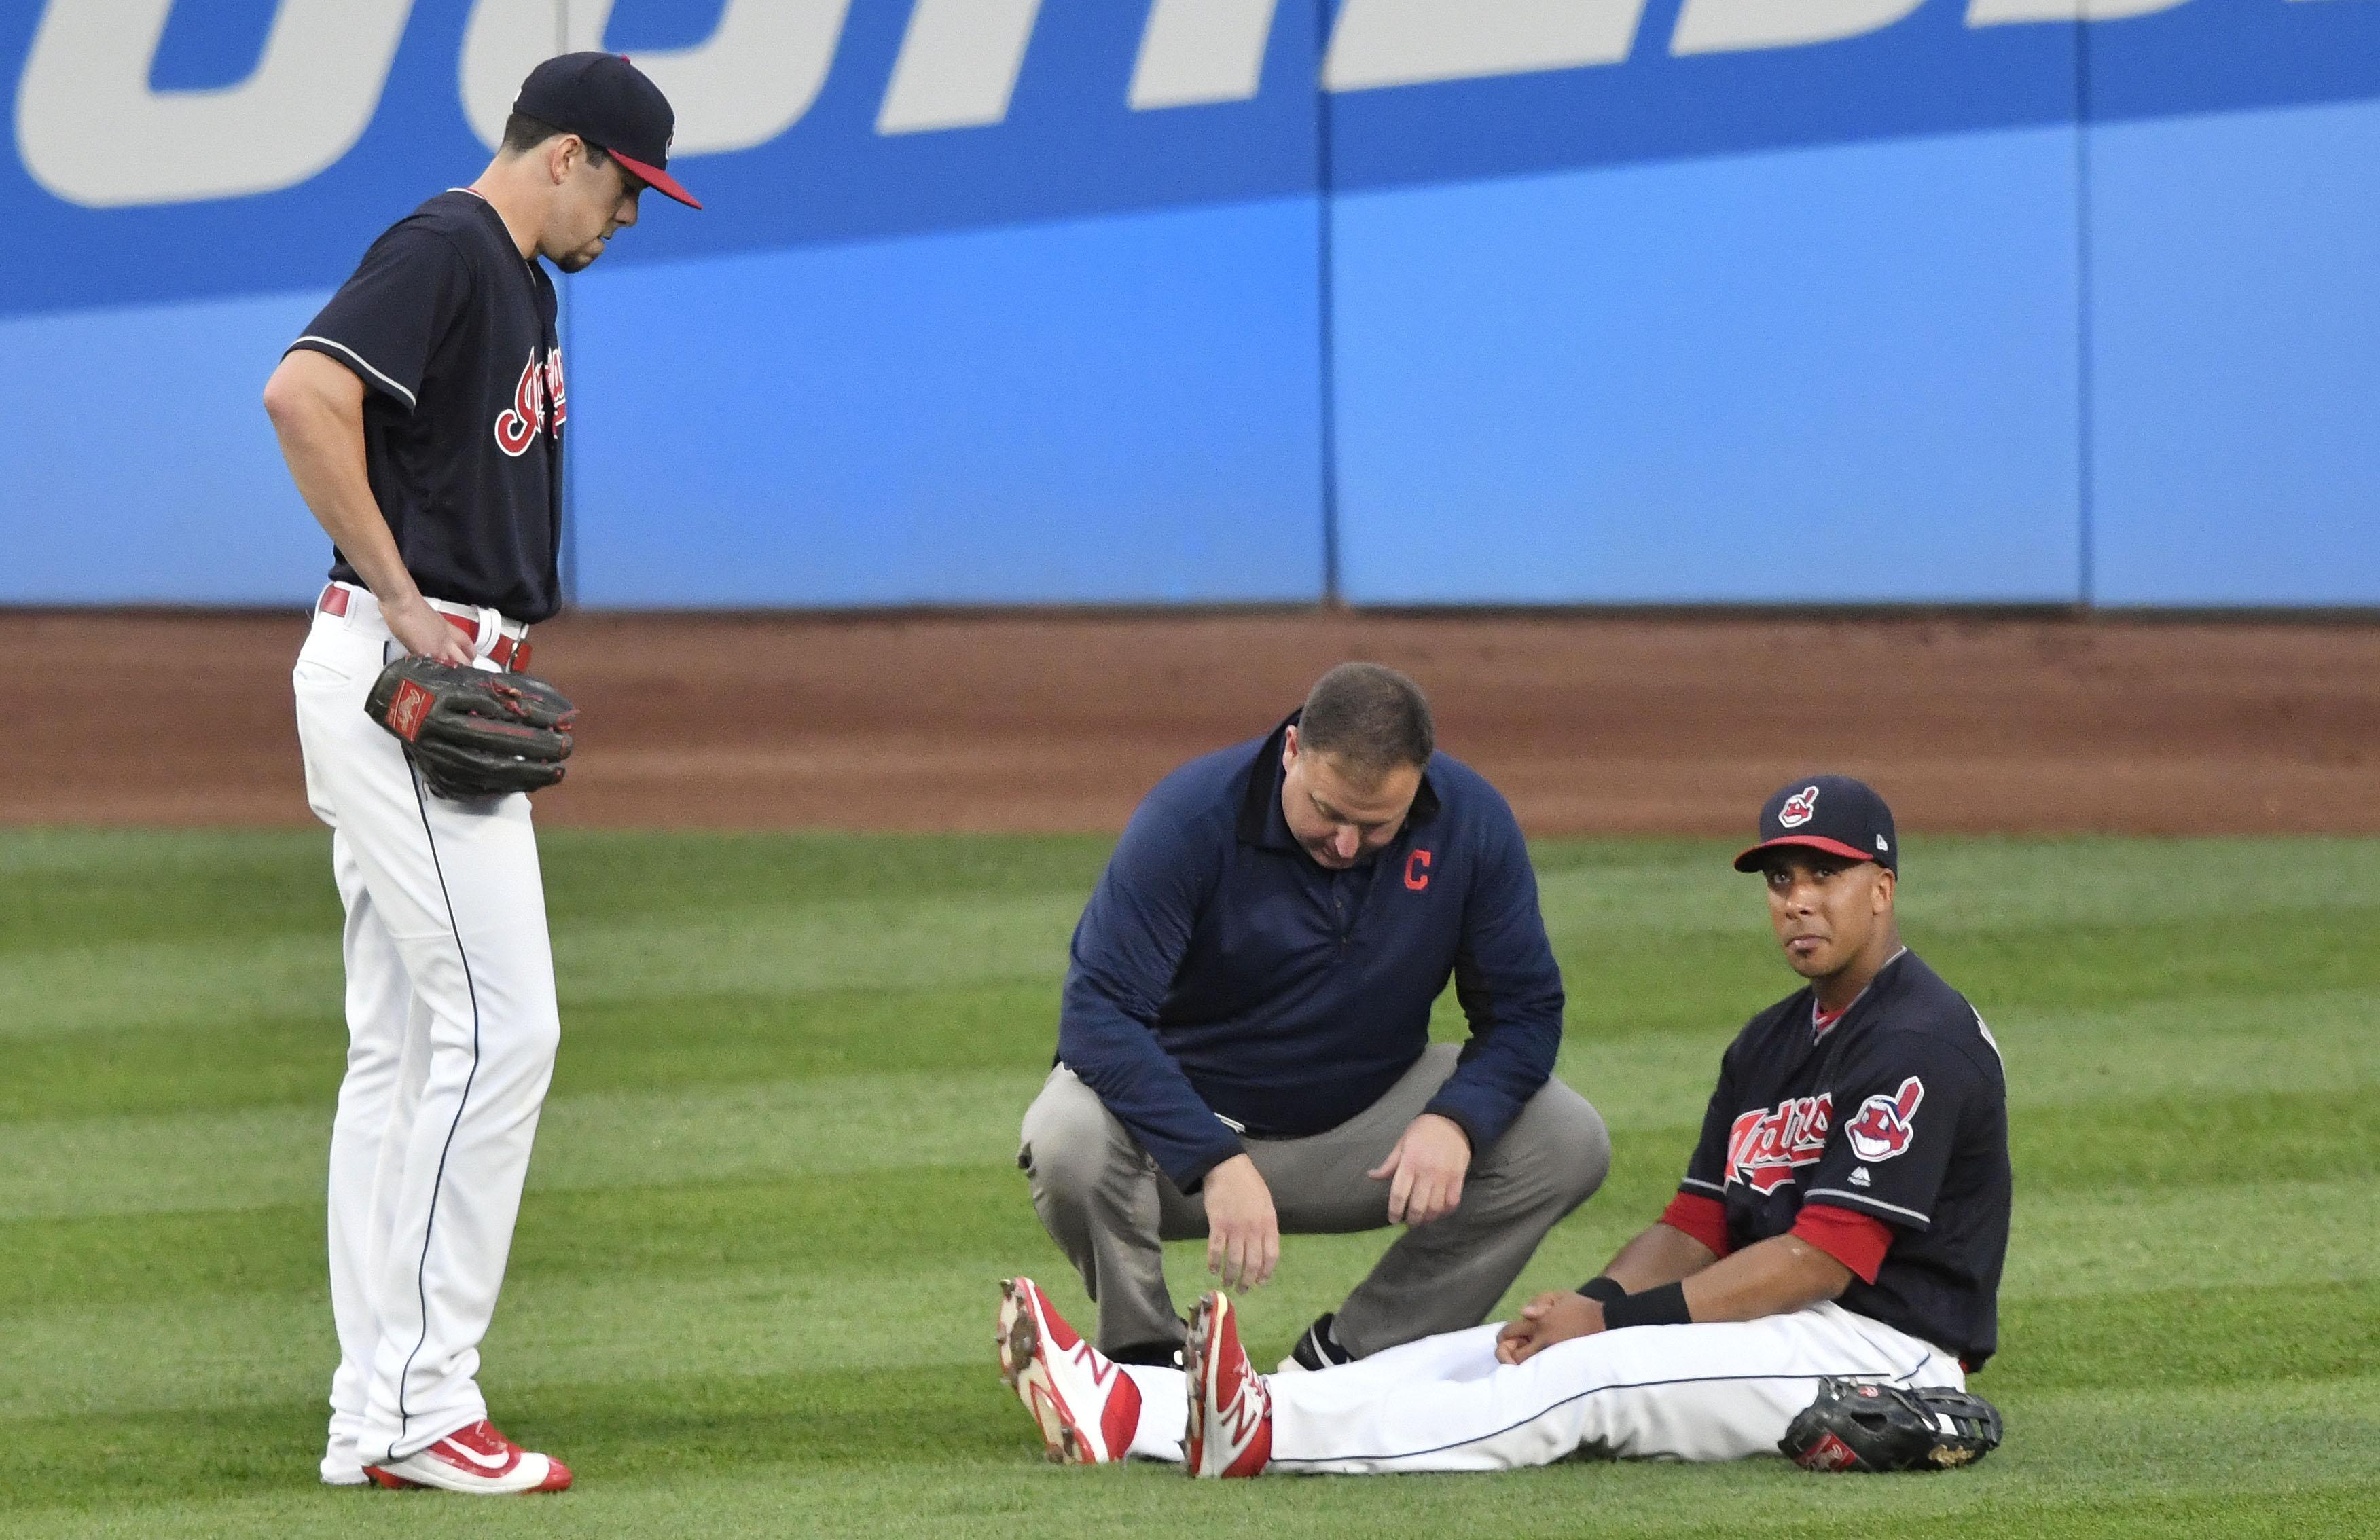 MLB: Colorado Rockies at Cleveland Indians